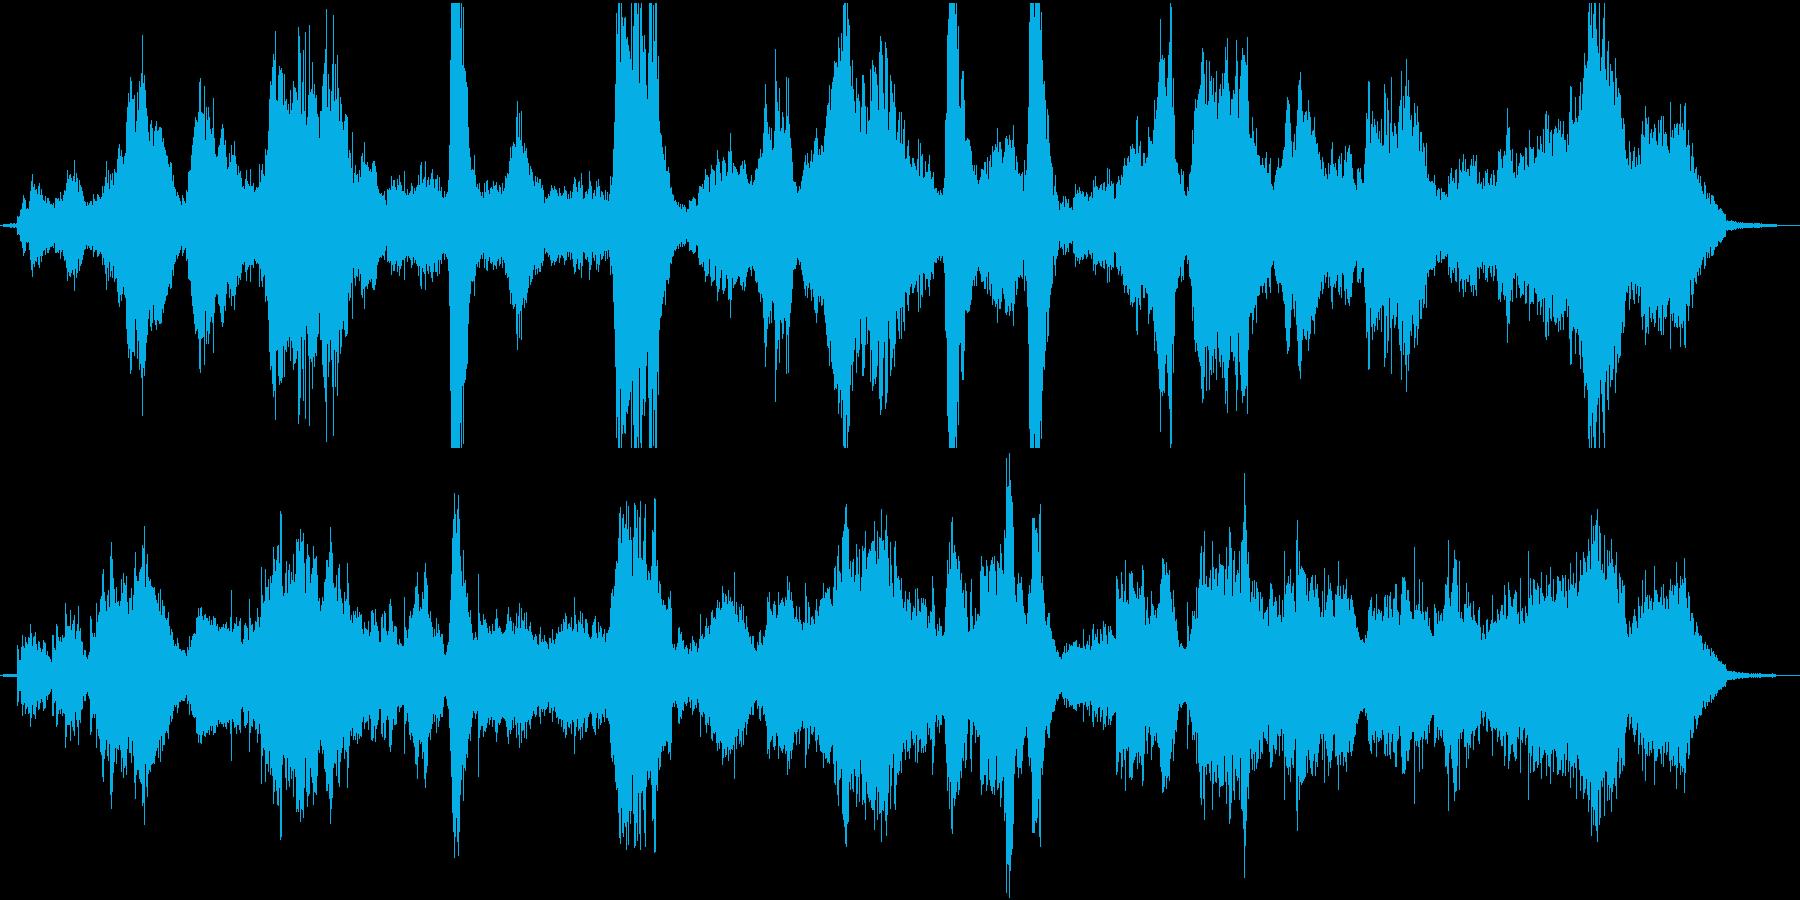 ホラー、ミステリアスなインストの再生済みの波形